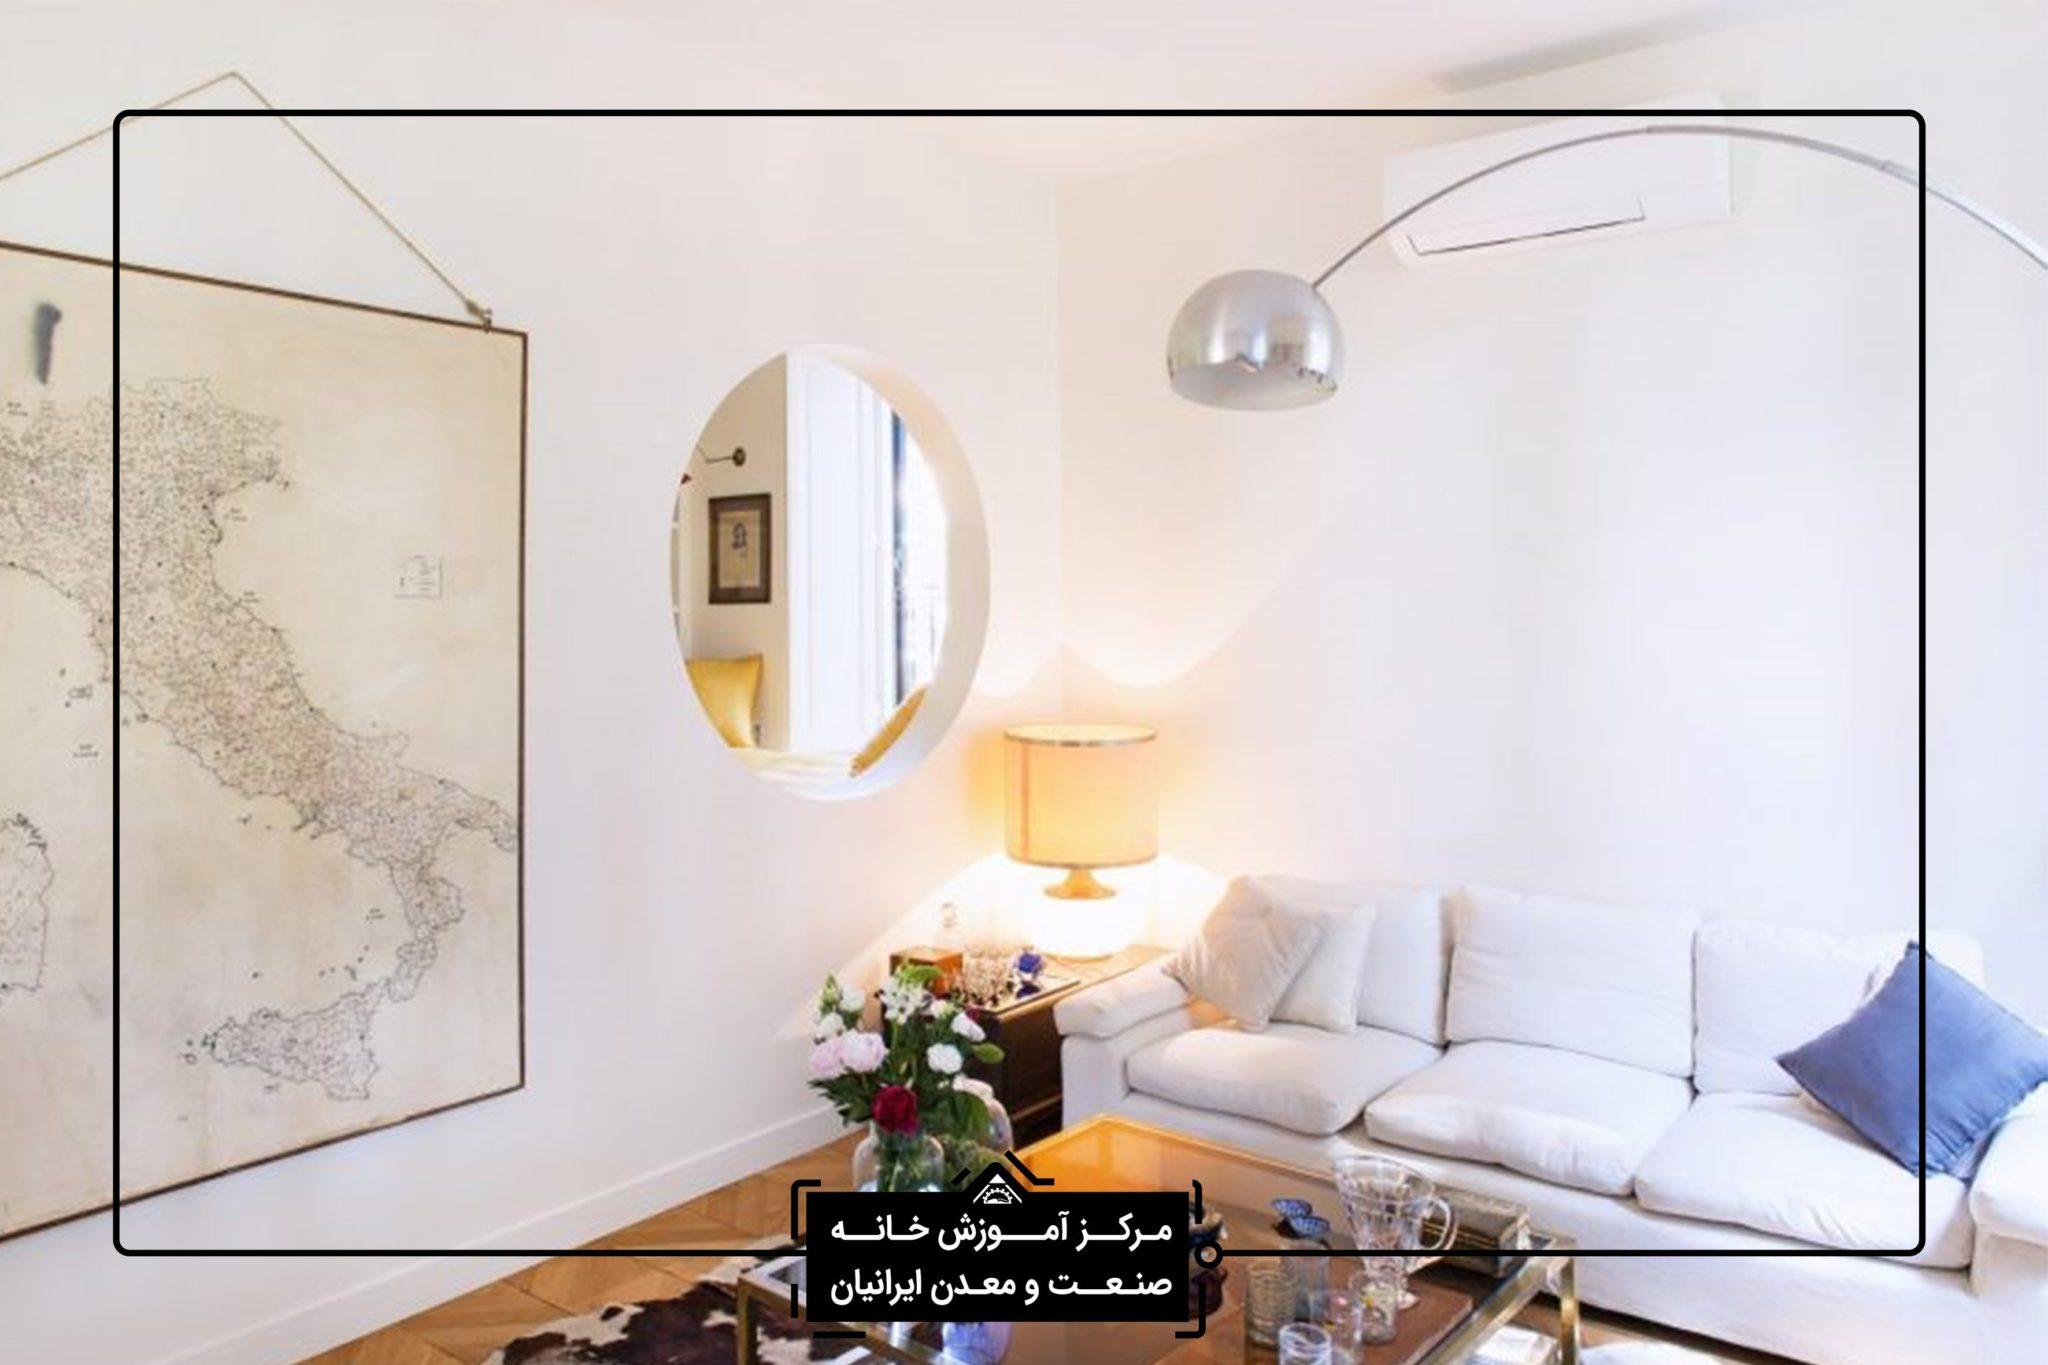 نرم افزار معماری در شیراز 1 - آموزشگاه دکوراسیون داخلی در شیراز